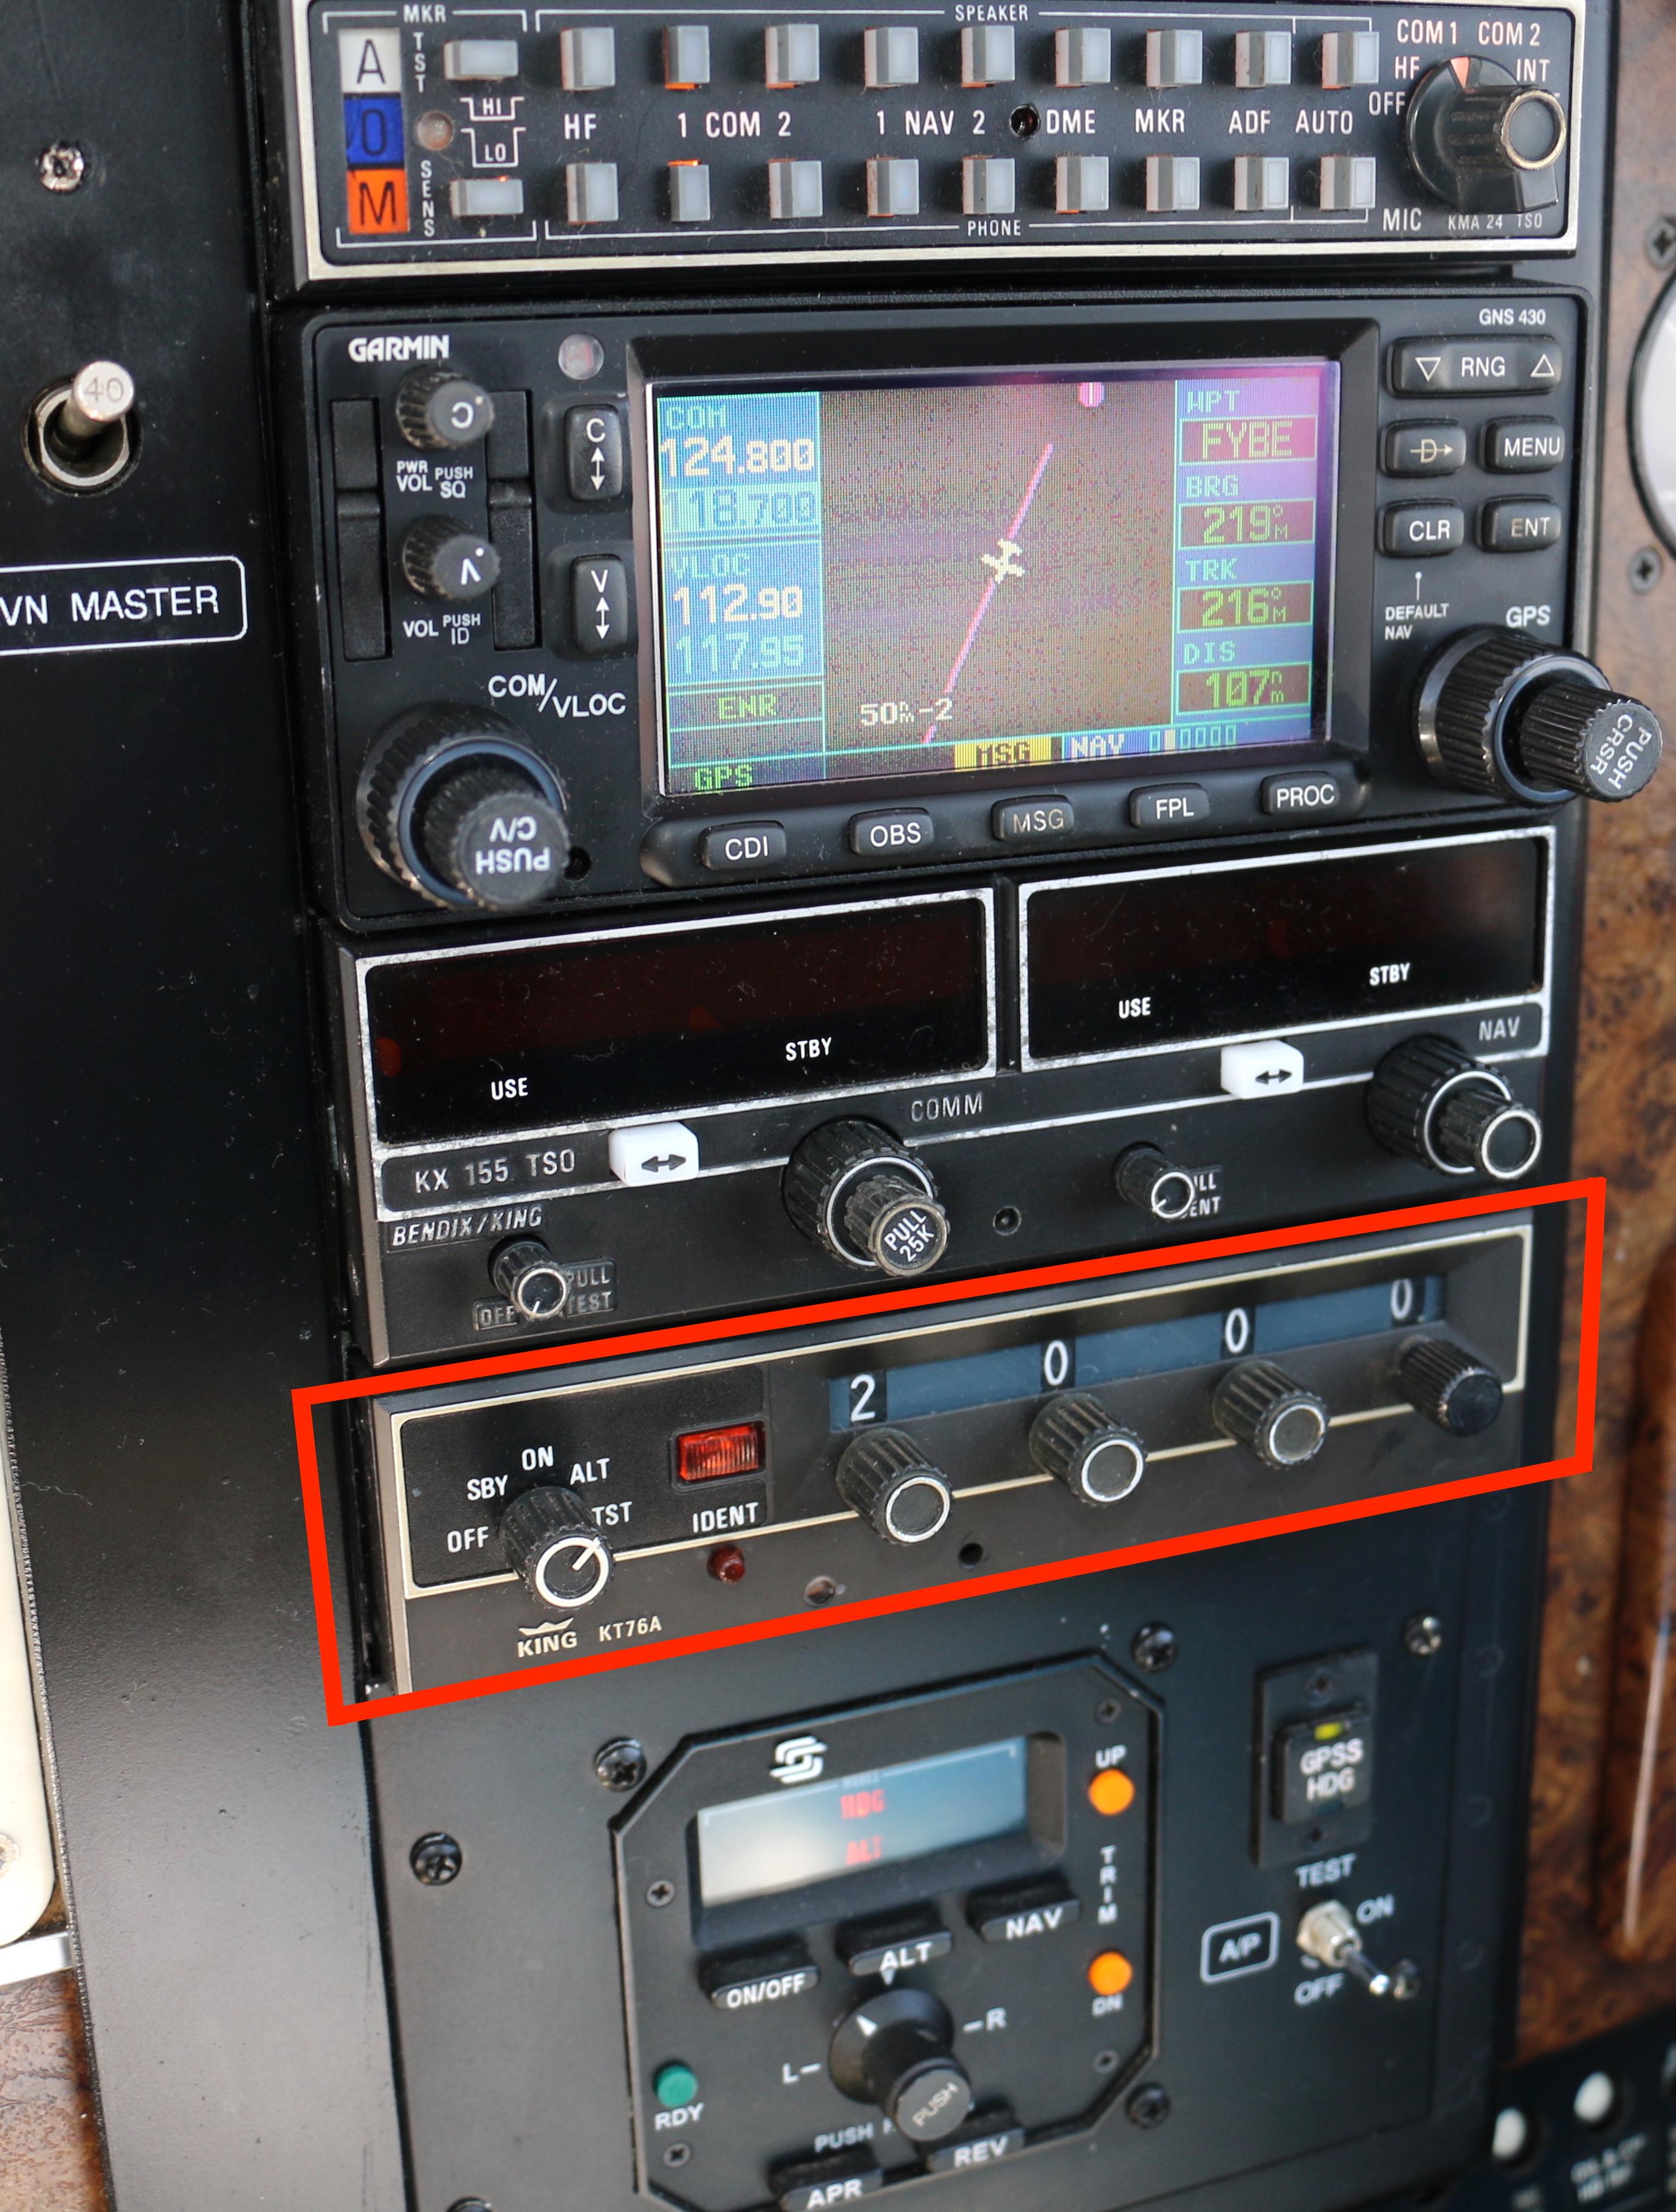 Radio Test Set